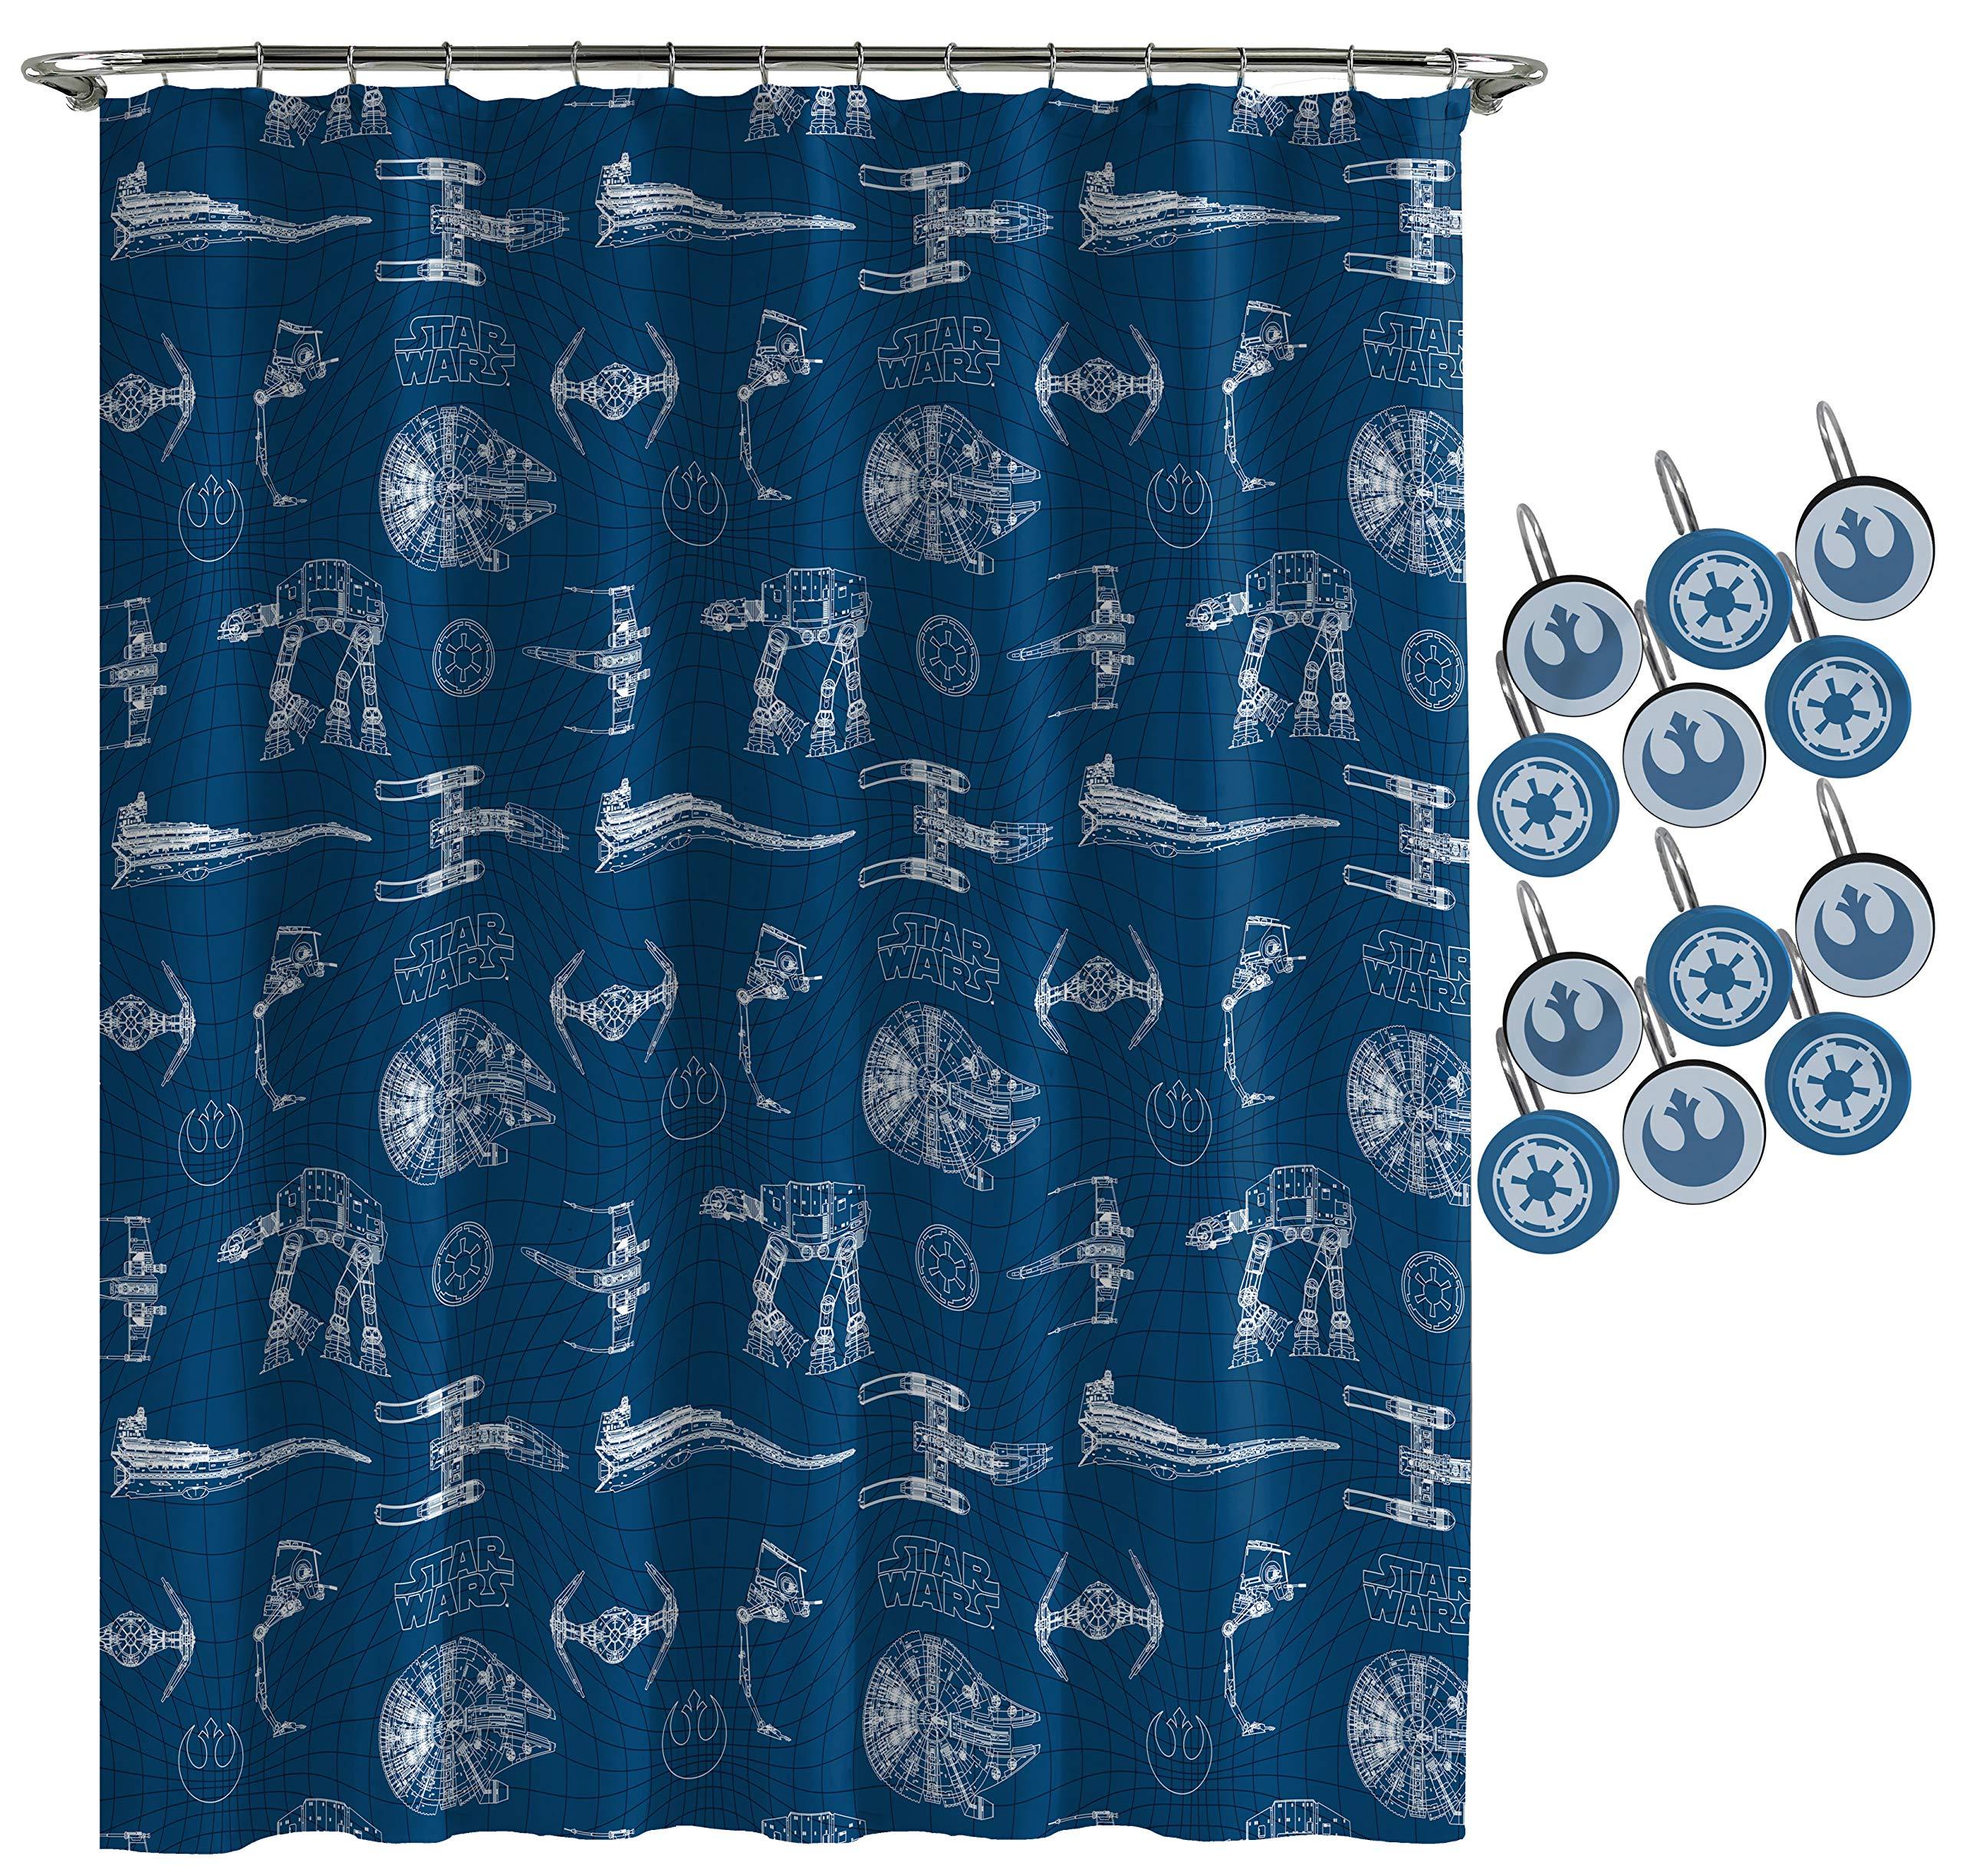 Jay Franco Star Wars Vehicle Schematics Spaceship 12 Piece Shower Curtain & Hook Set, Blue